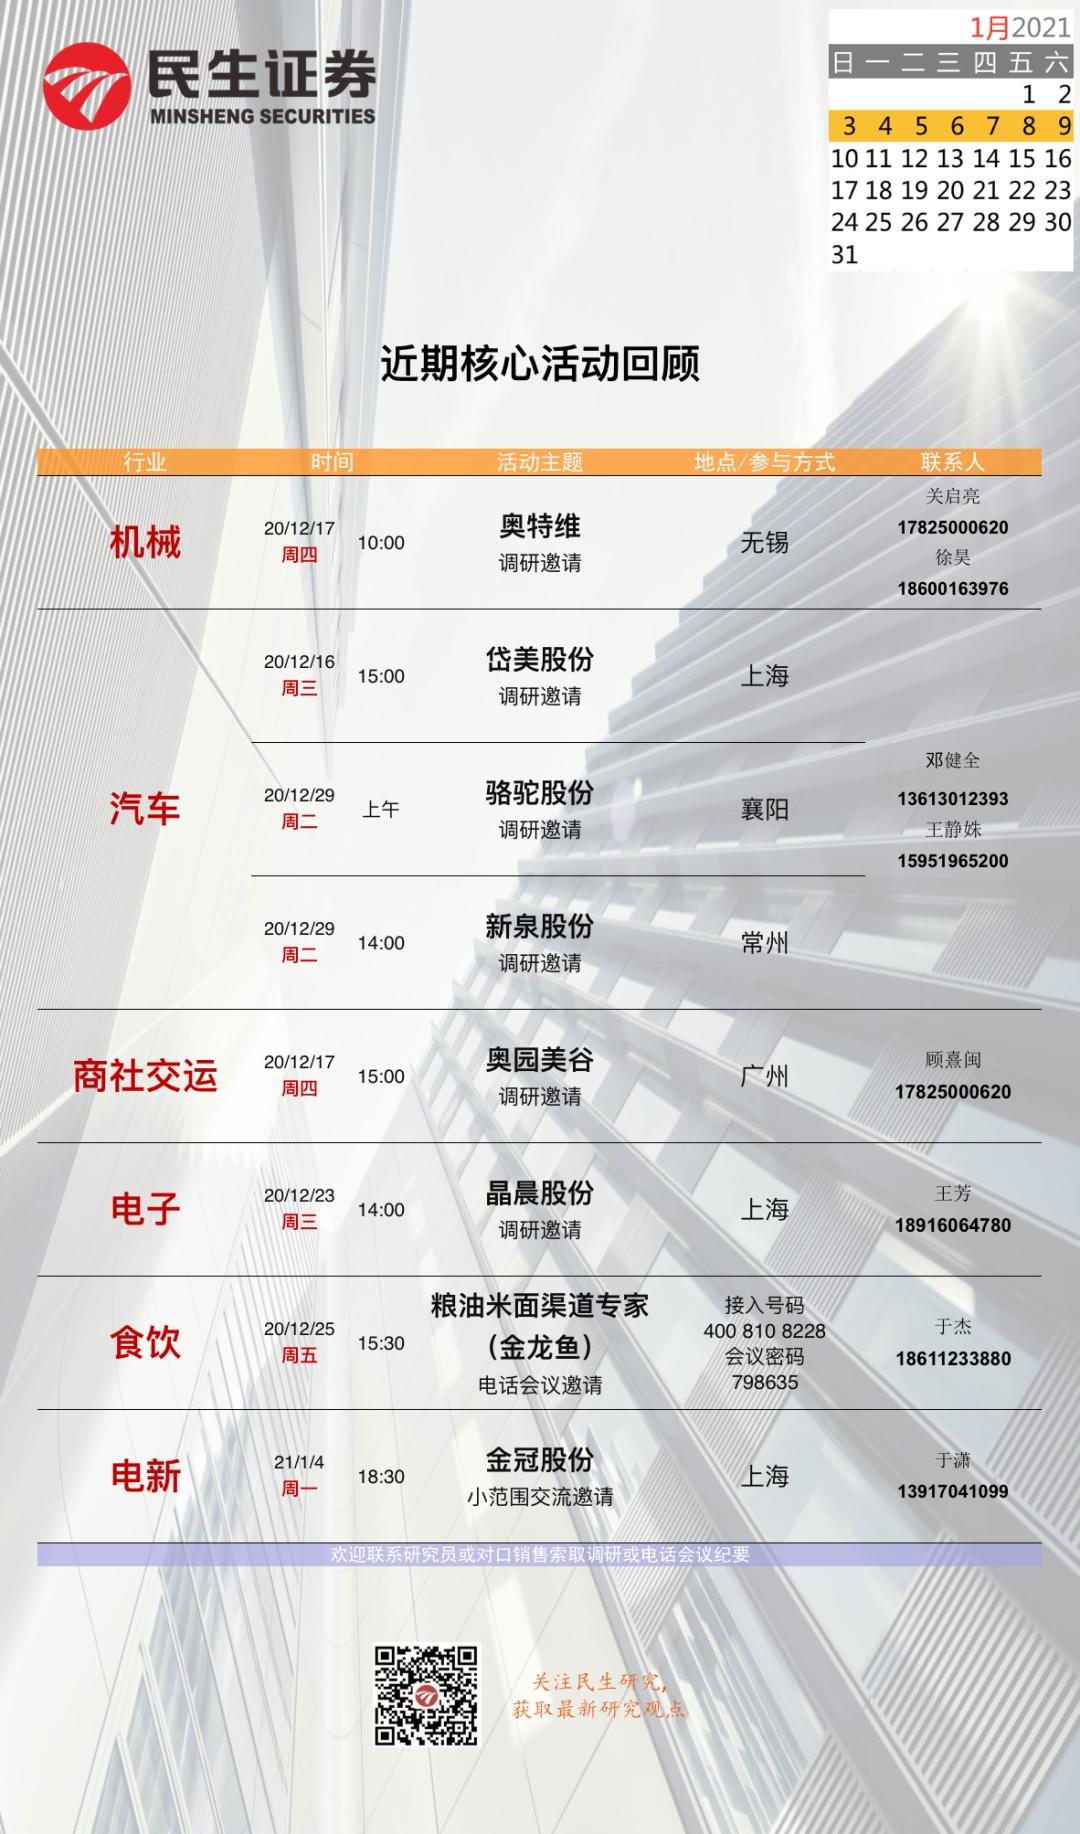 【民生证券研究院】晨会纪要20210105